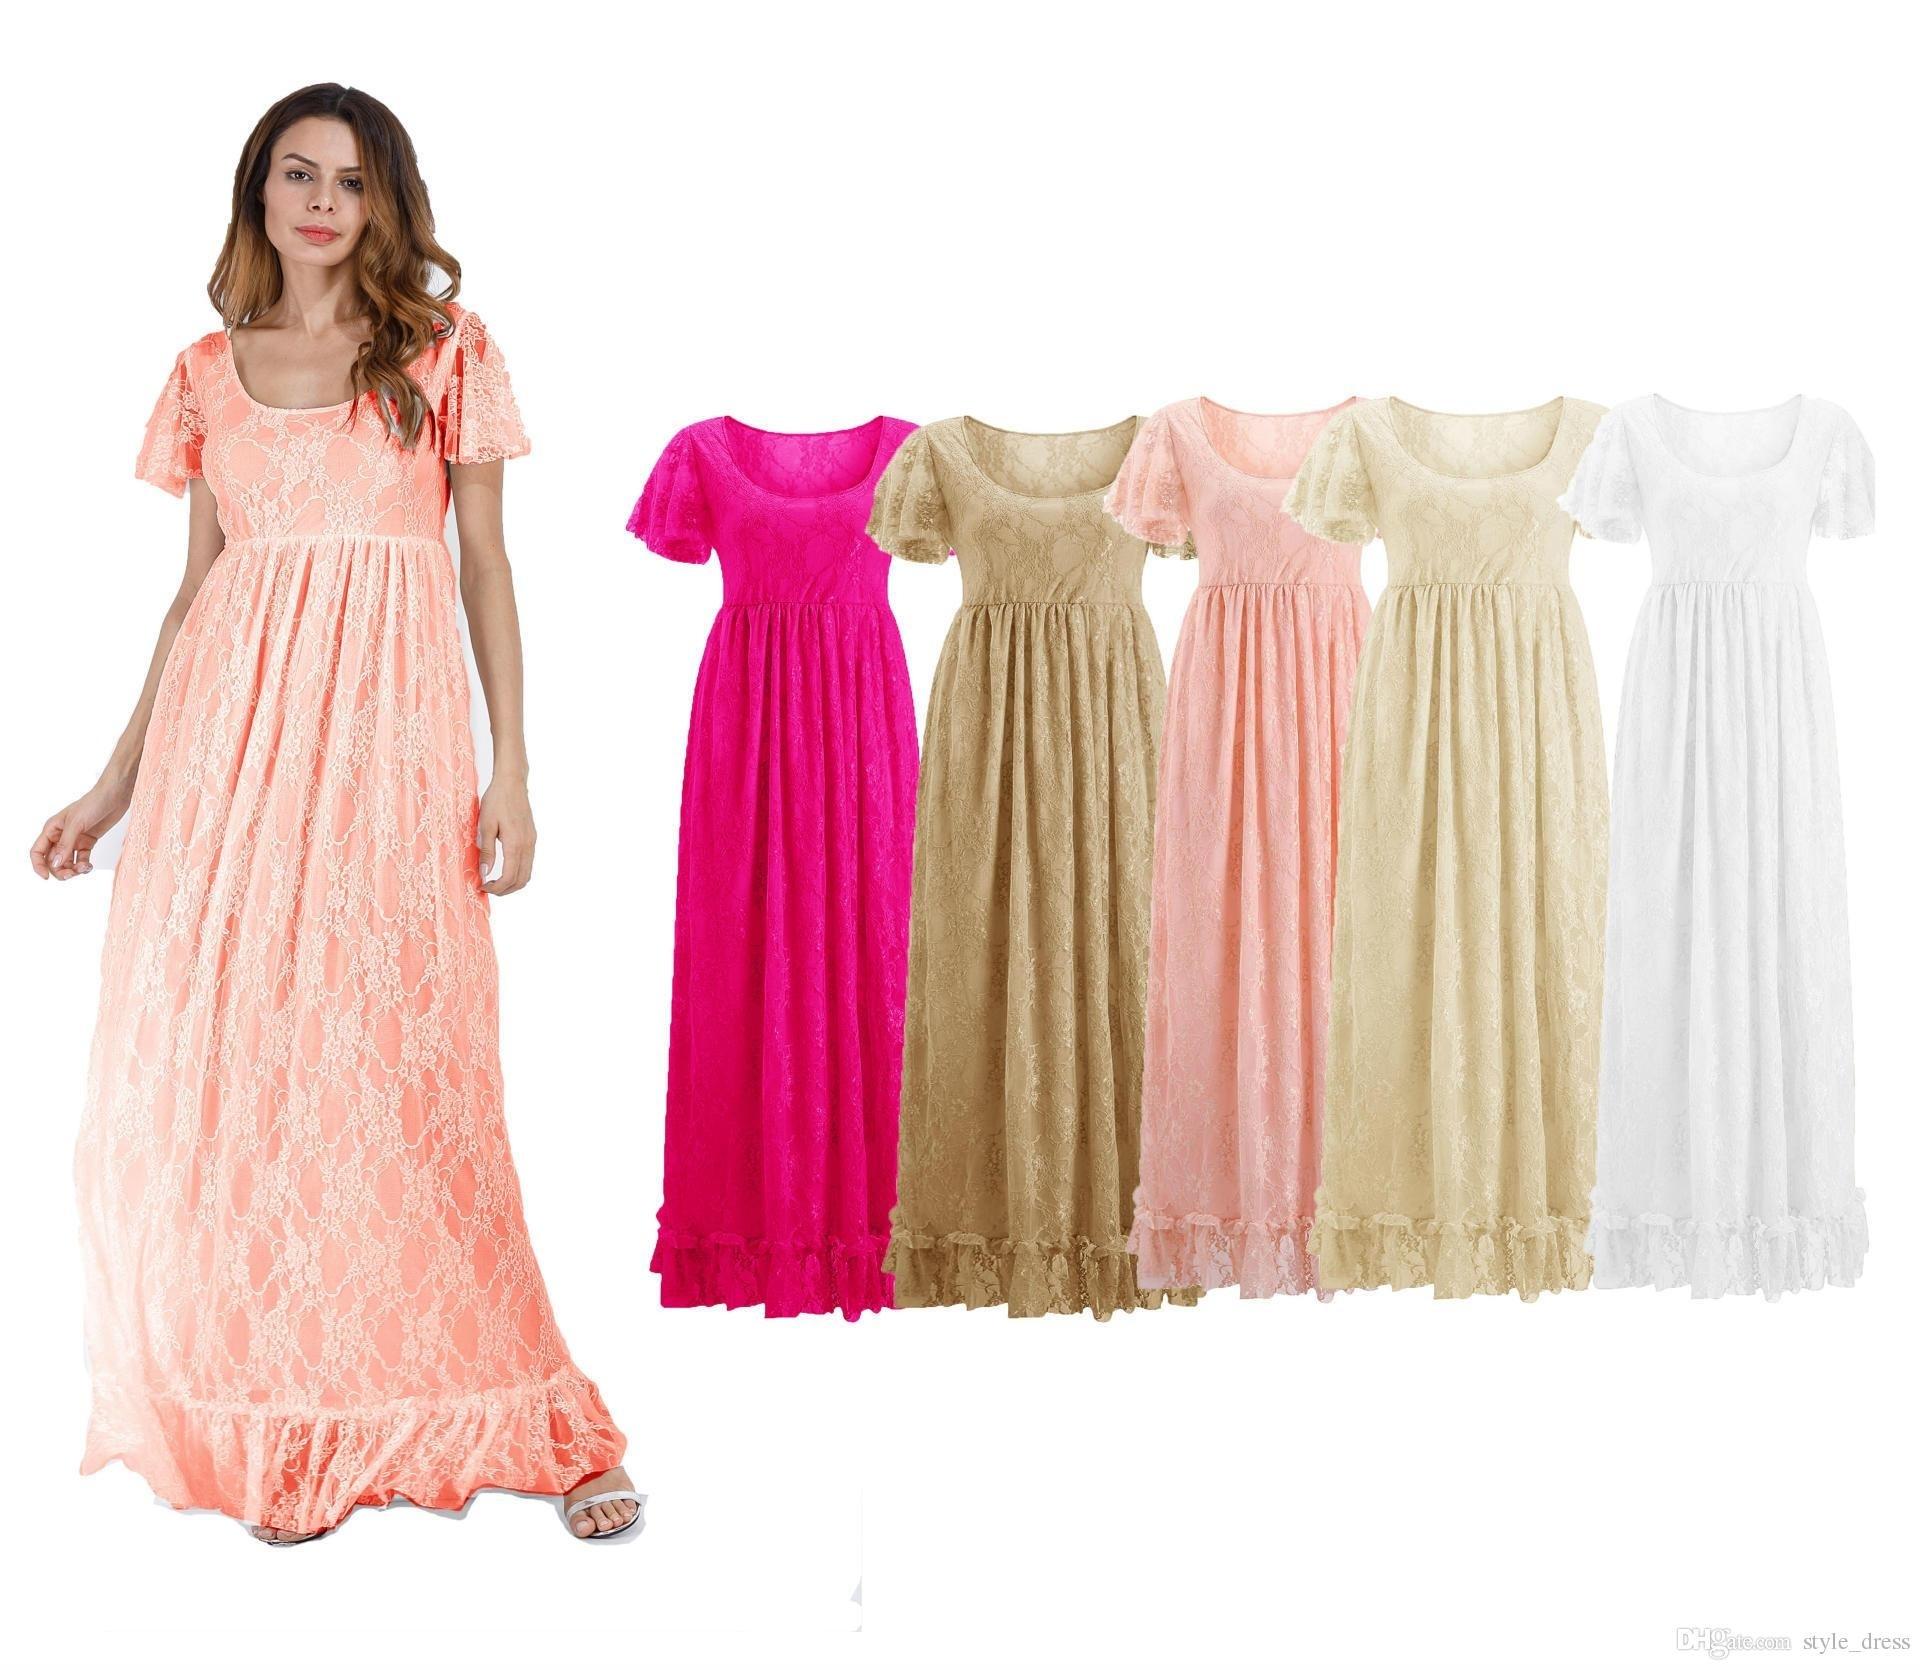 13 Luxurius Kleid Lang Mit Spitze Spezialgebiet13 Top Kleid Lang Mit Spitze Spezialgebiet